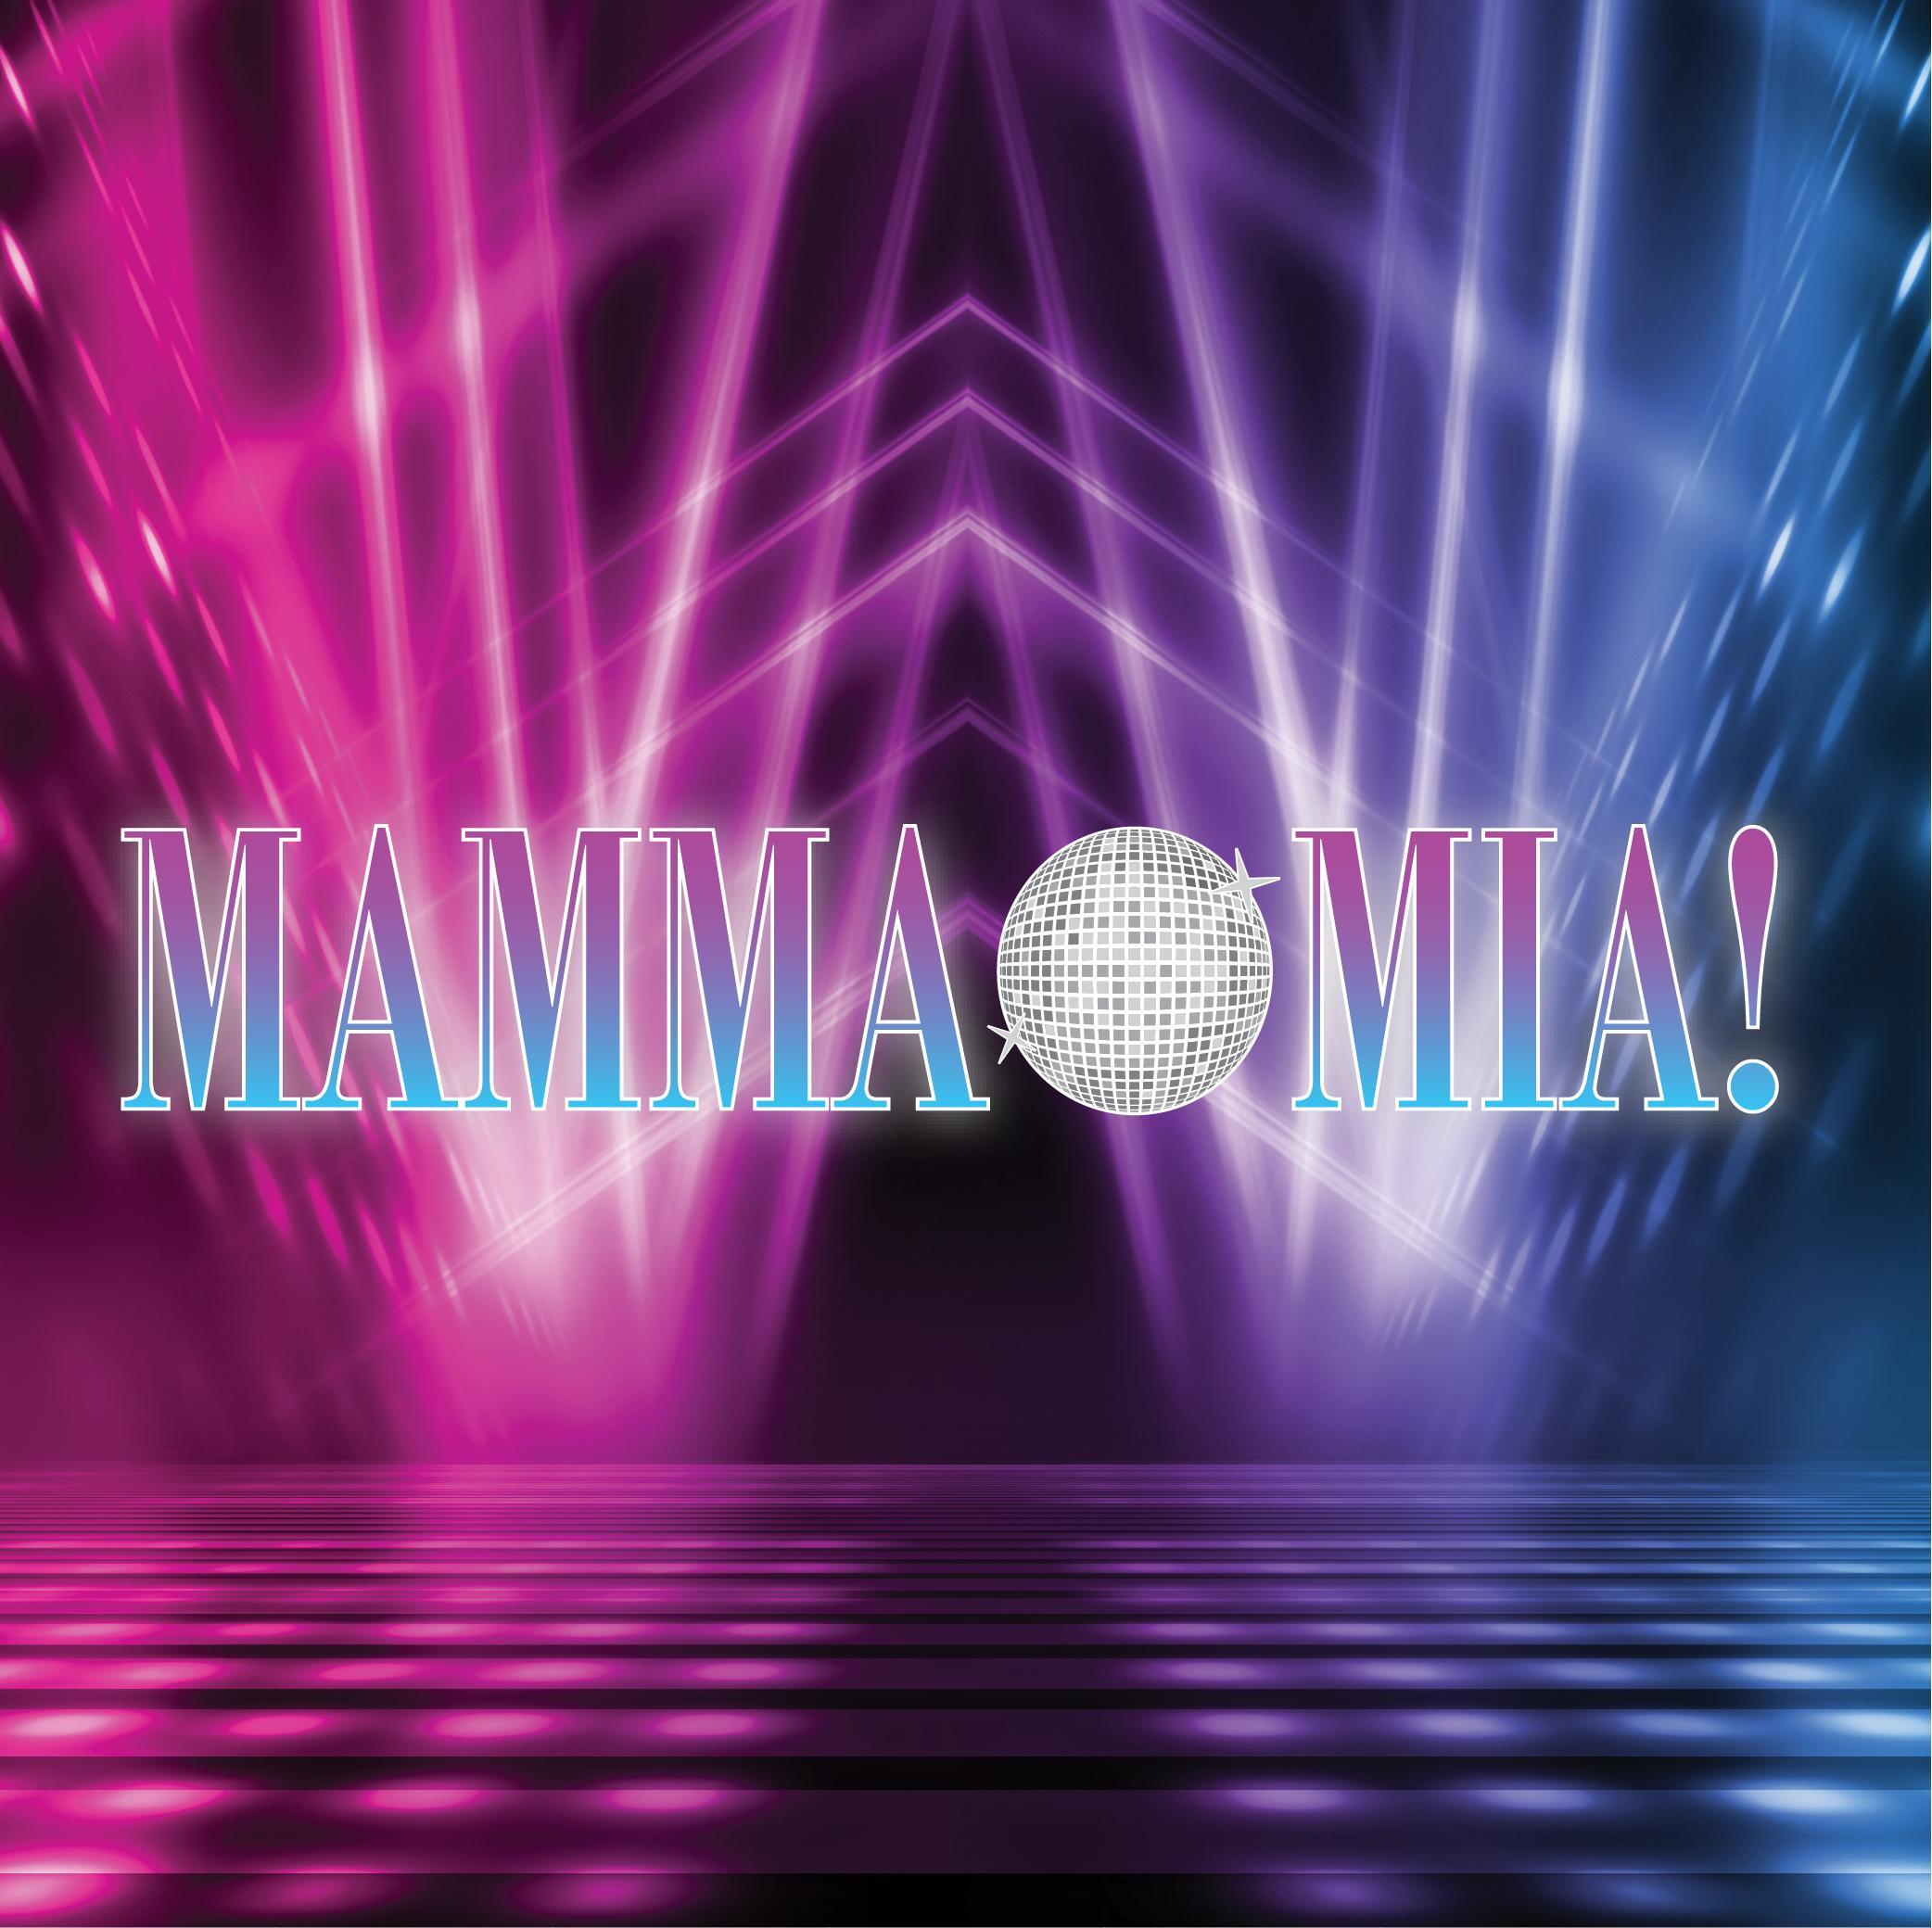 Mamma Mia! | AUG 13-16